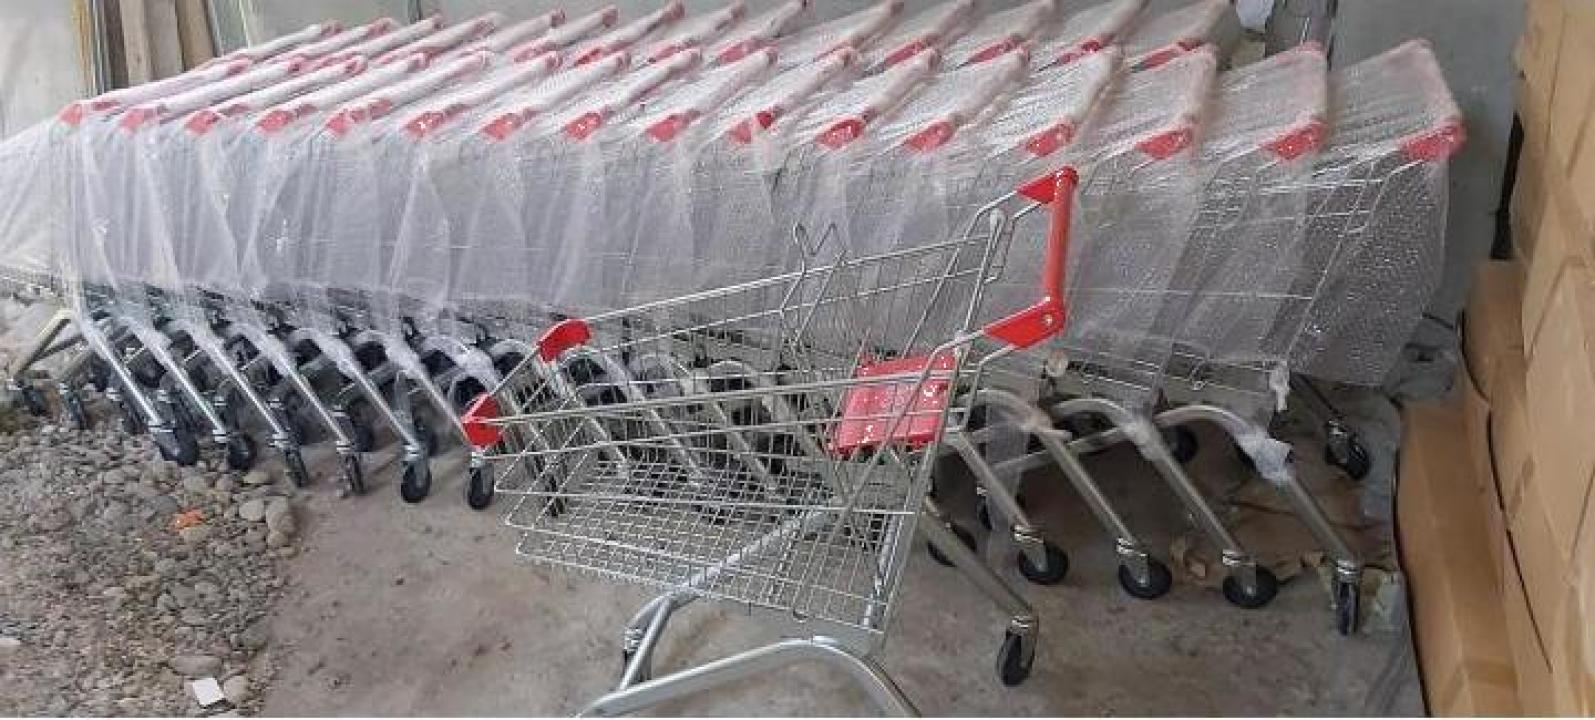 Carucior nou de supermarket 90 L